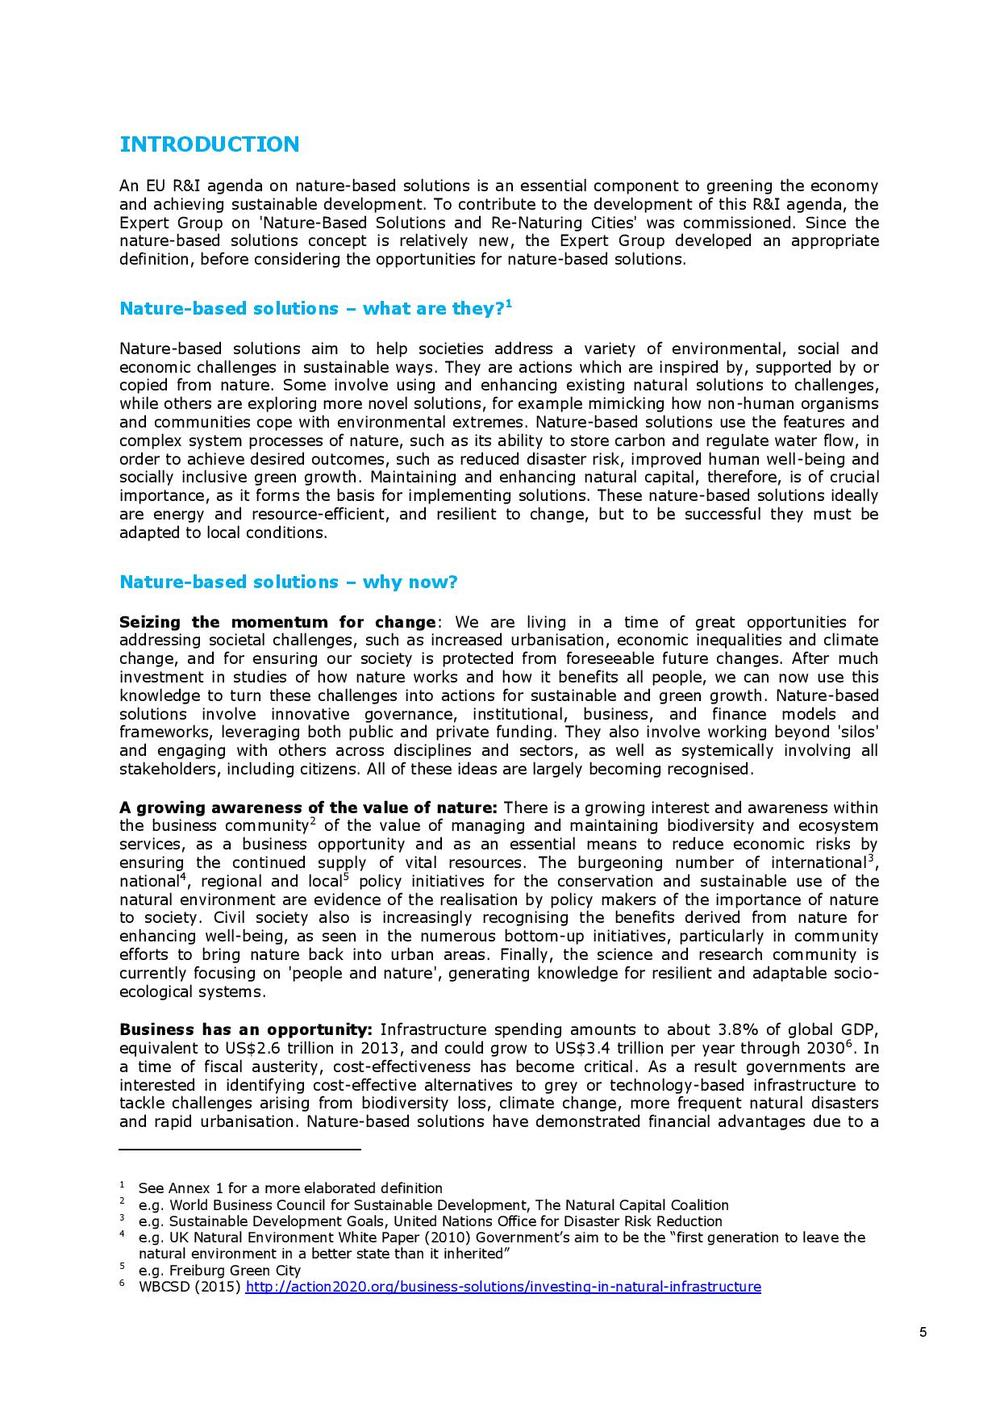 DG RTD_WEB-Publication A4_NBS_long_version_20150310-page-007.jpg